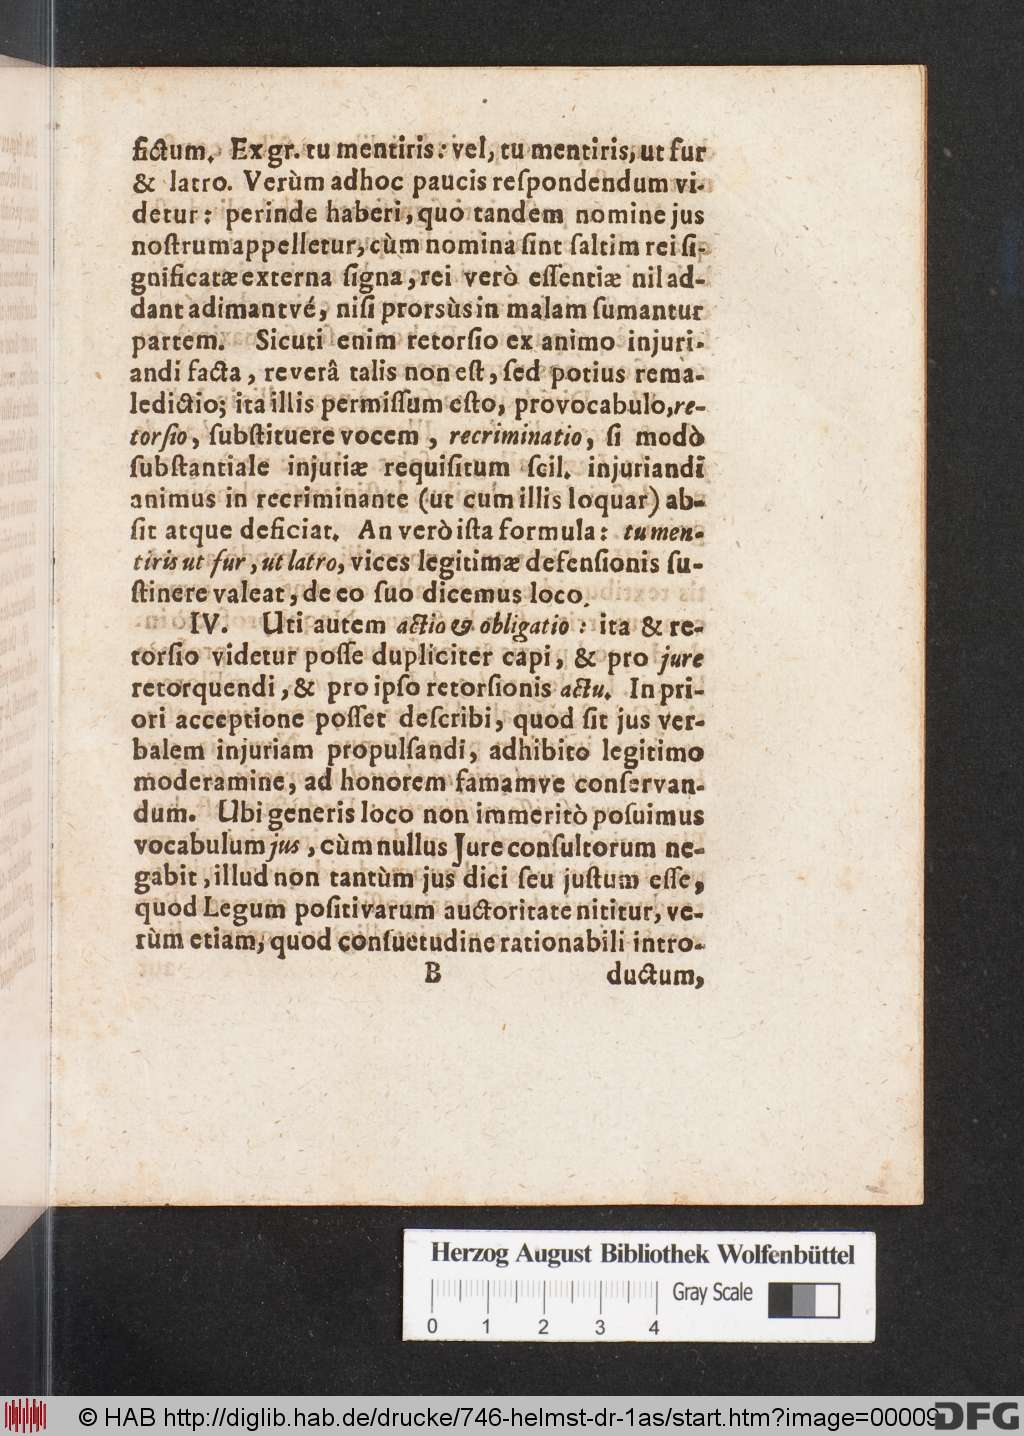 http://diglib.hab.de/drucke/746-helmst-dr-1as/00009.jpg